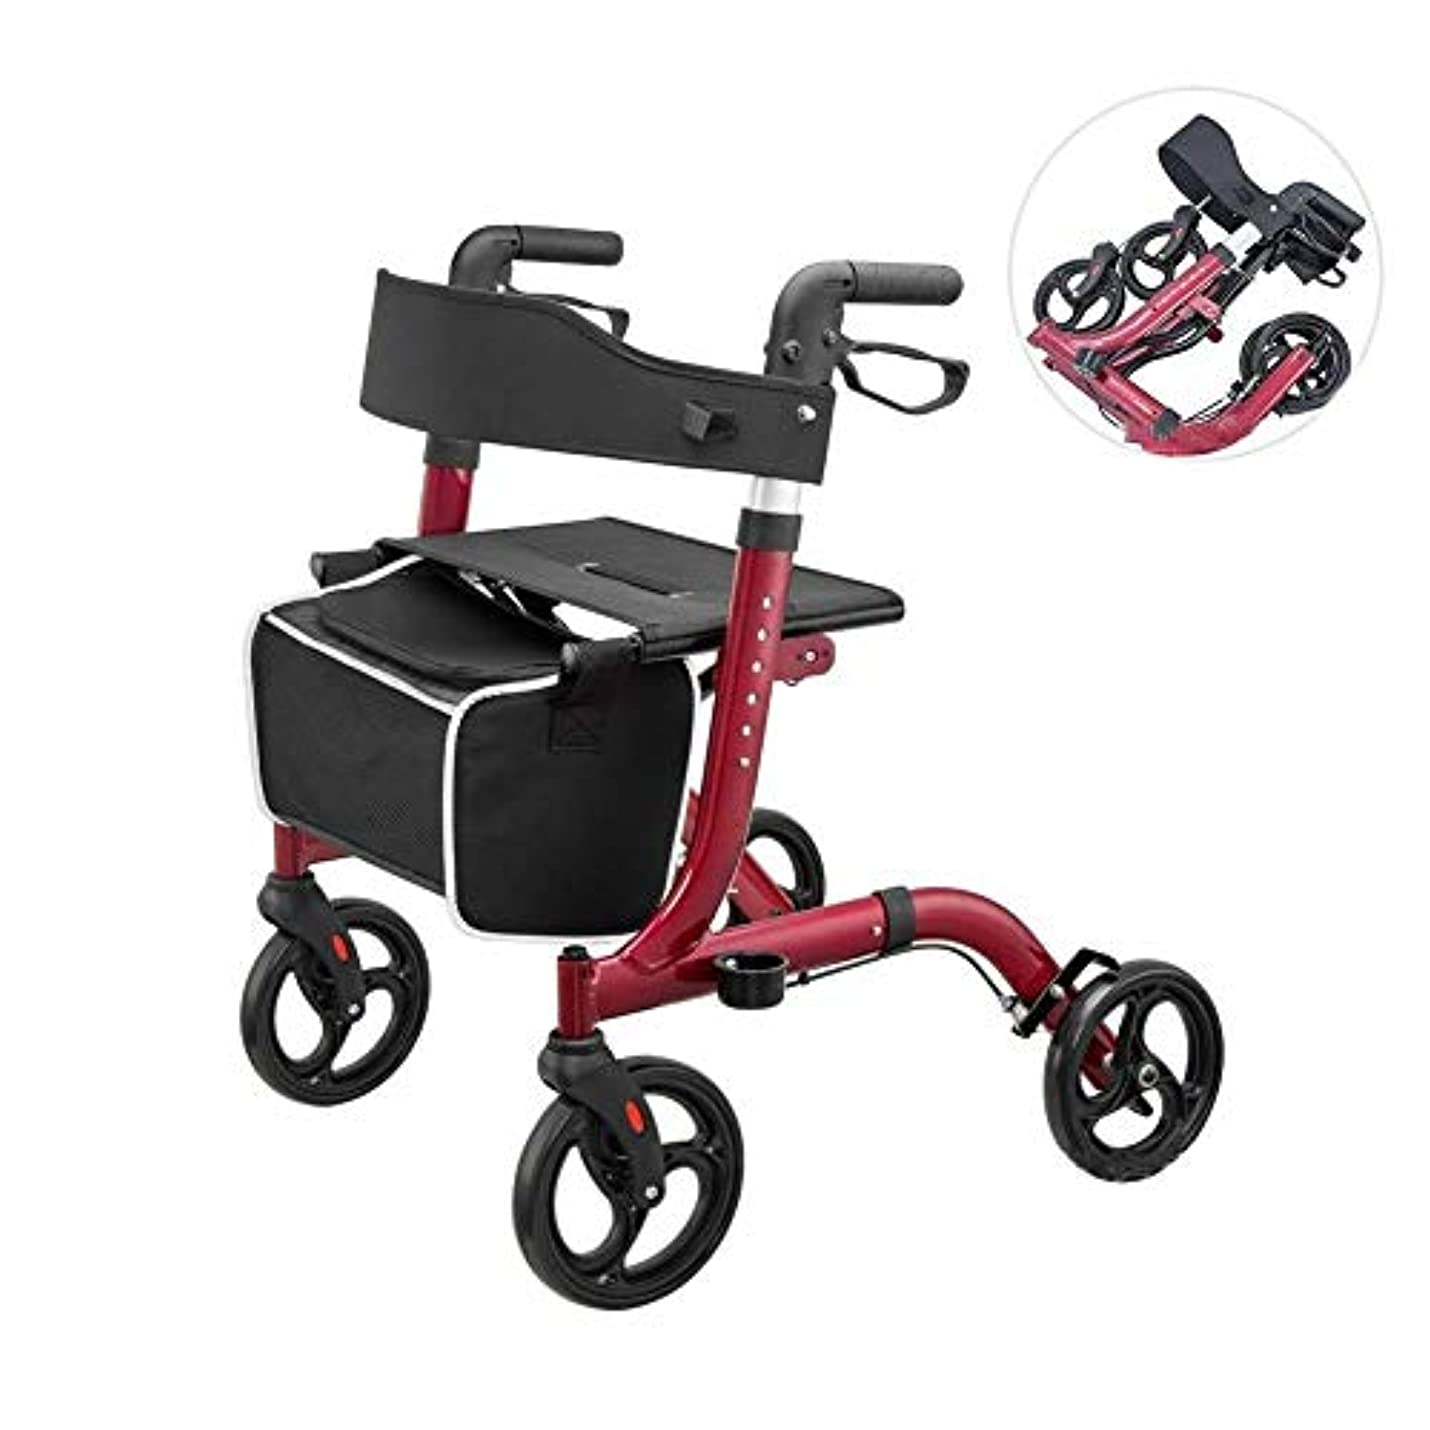 だます防腐剤リズム障害者および老人用の座席と買い物かごを備えた軽量折りたたみ式歩行器